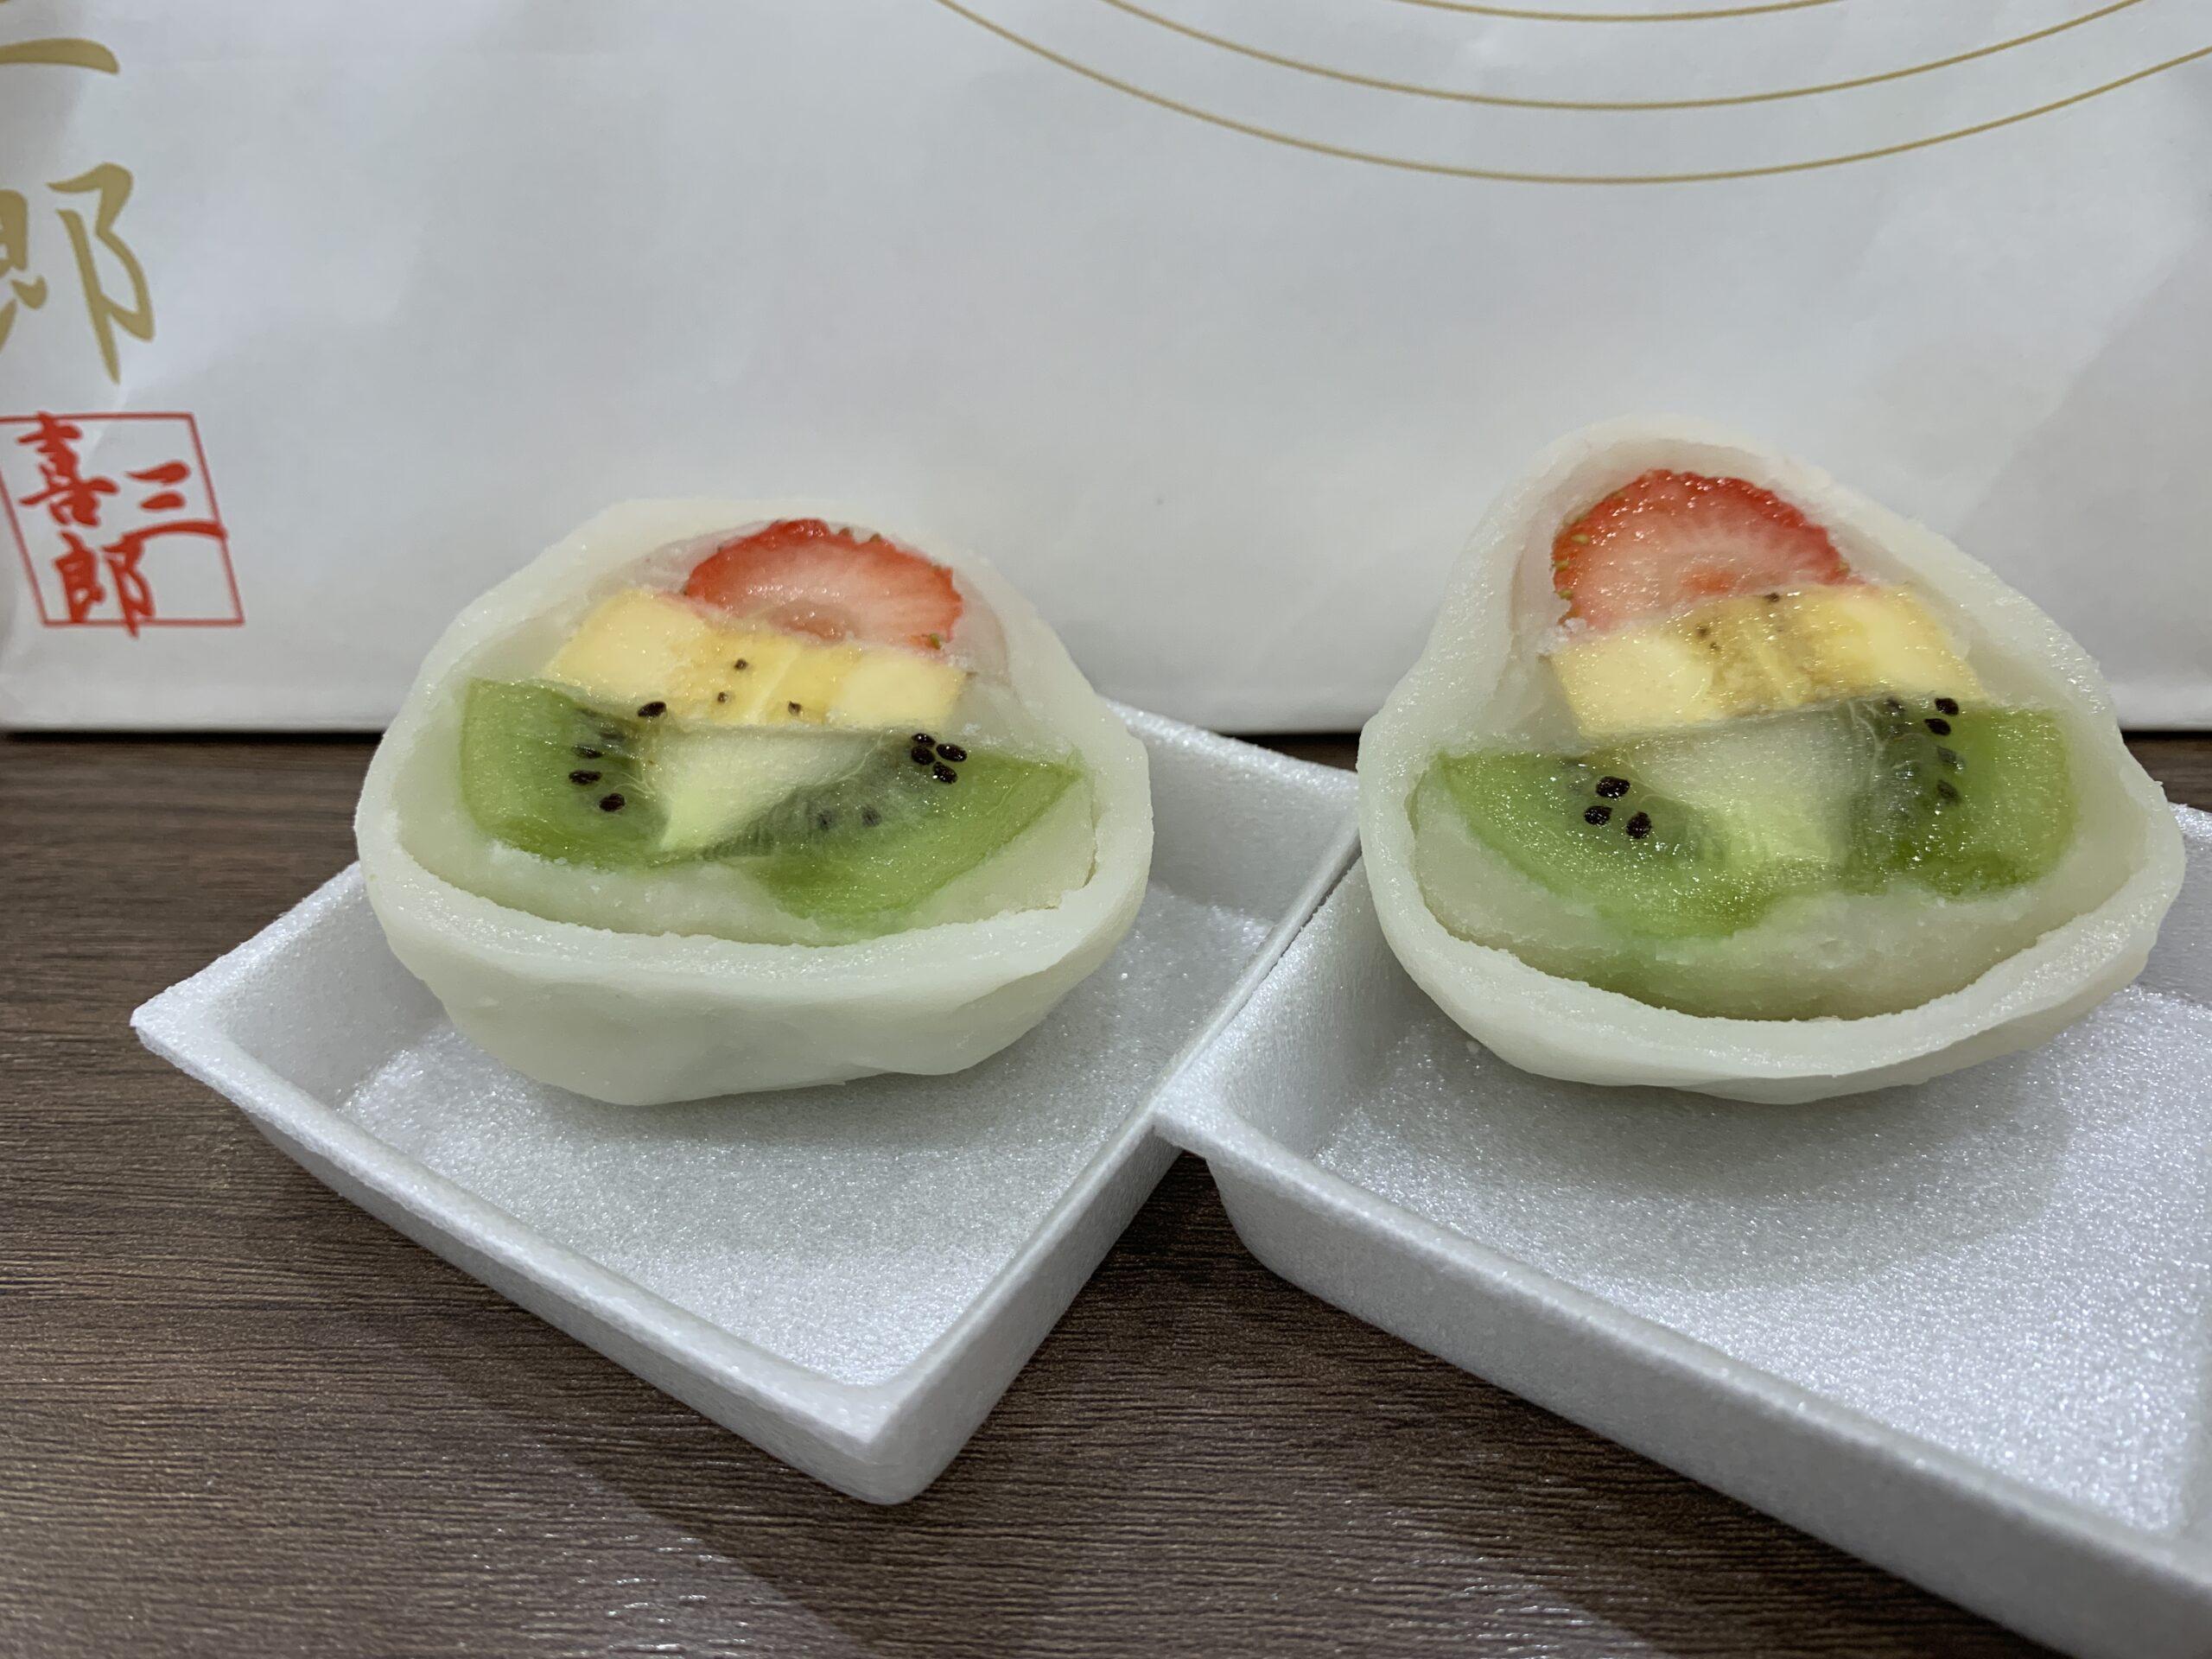 ふるーつ大福喜三郎・浜松のお店はどこ?美味しい?